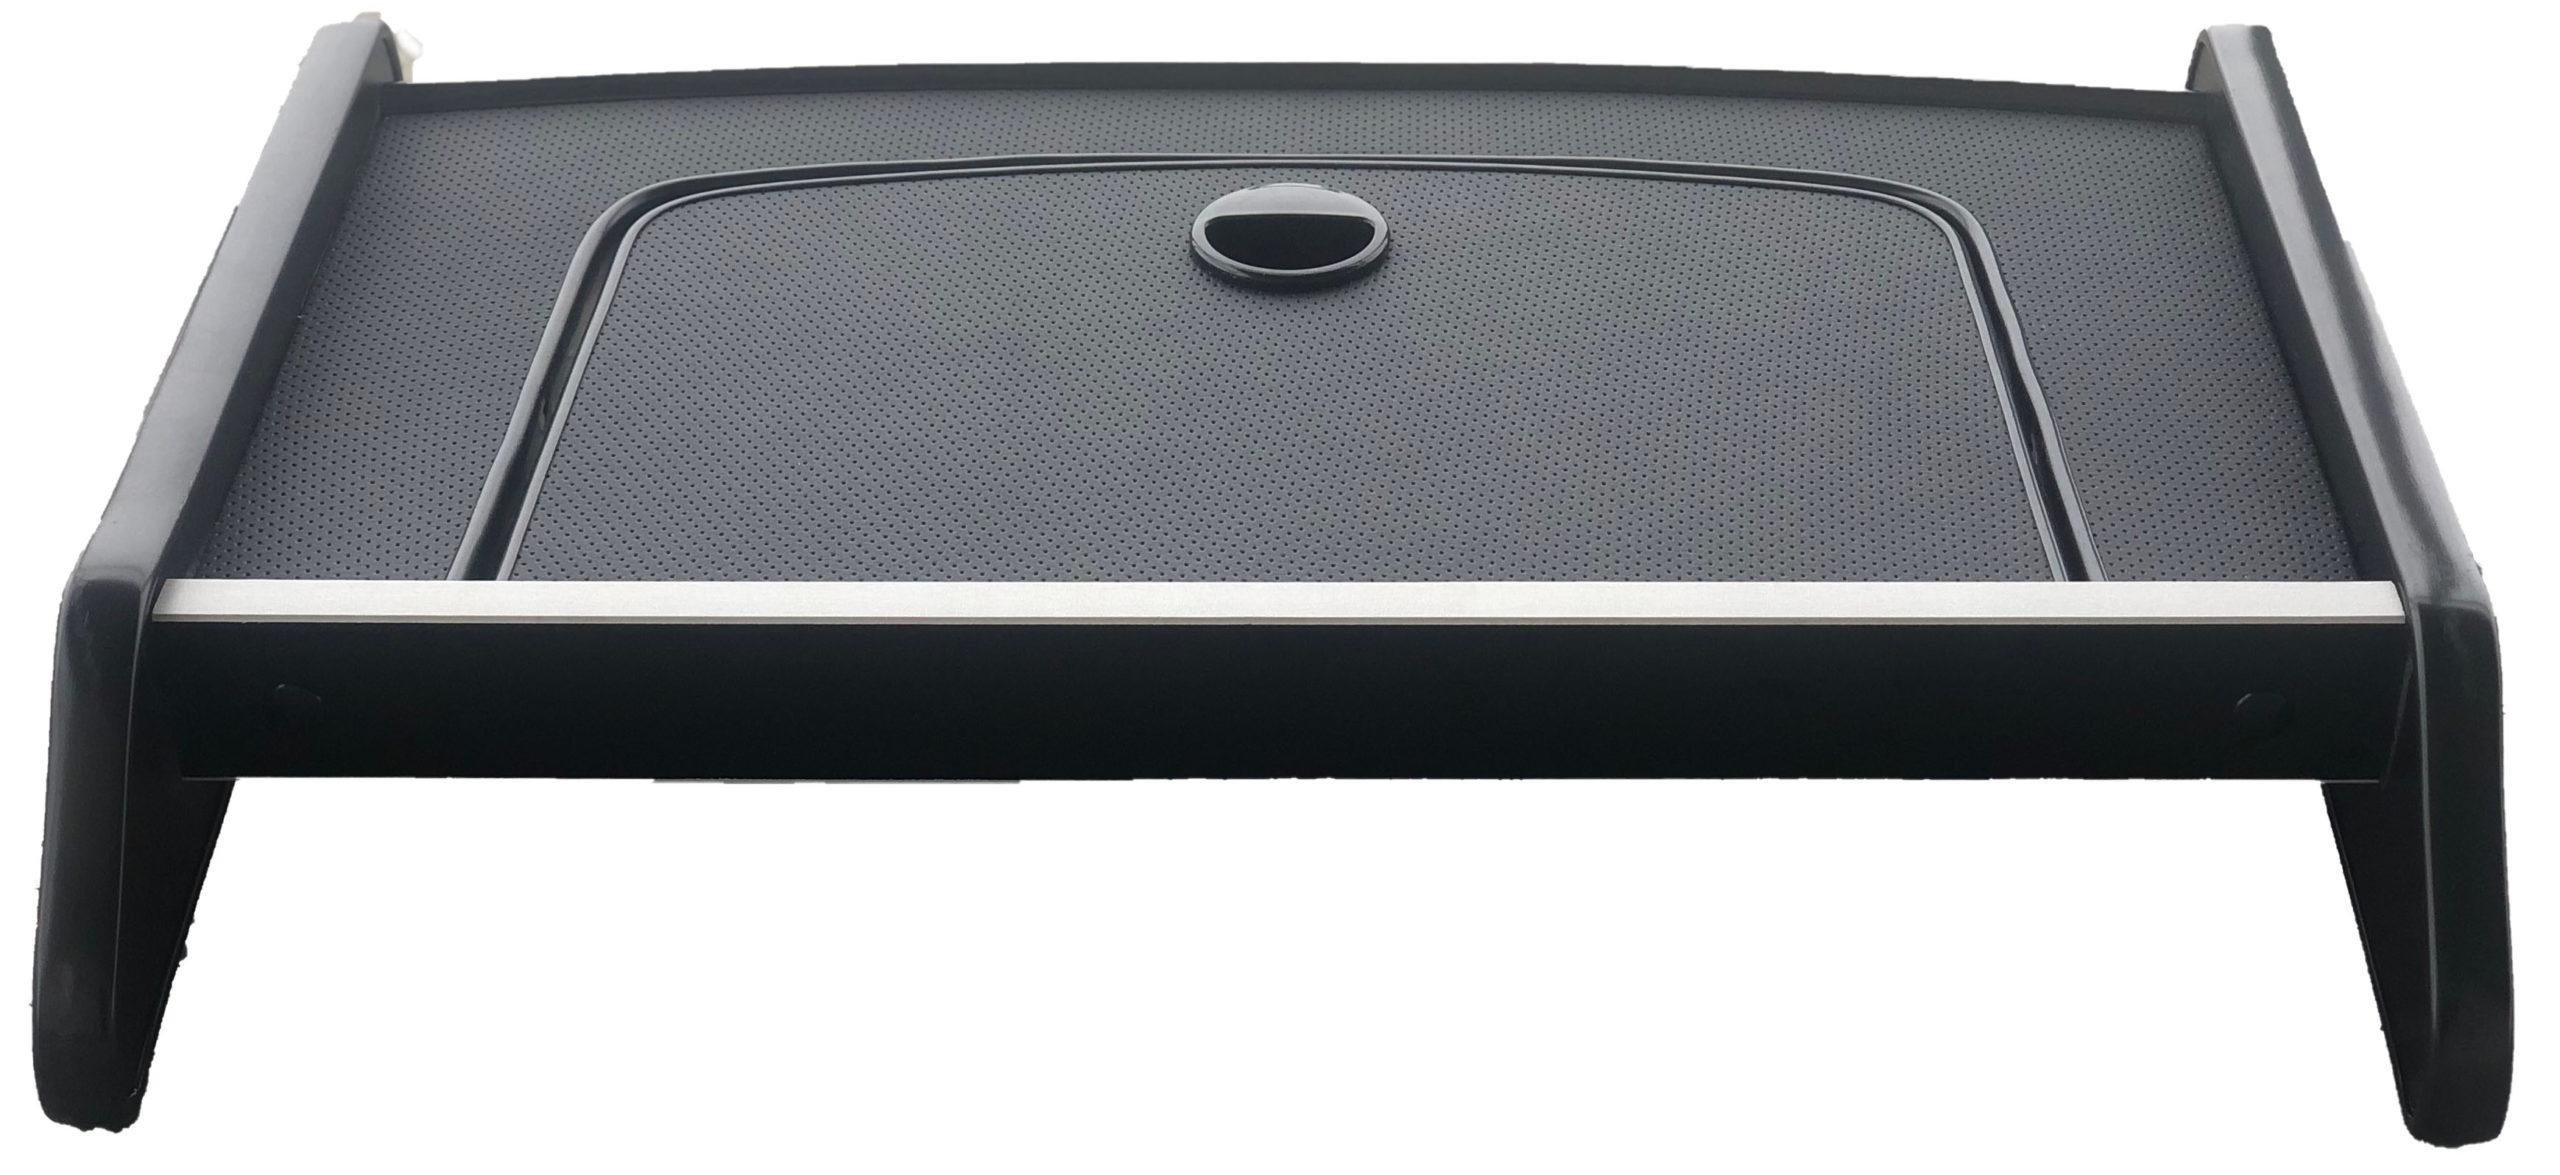 Столик на панель газели Бизнес с крышкой ( кожа) черный